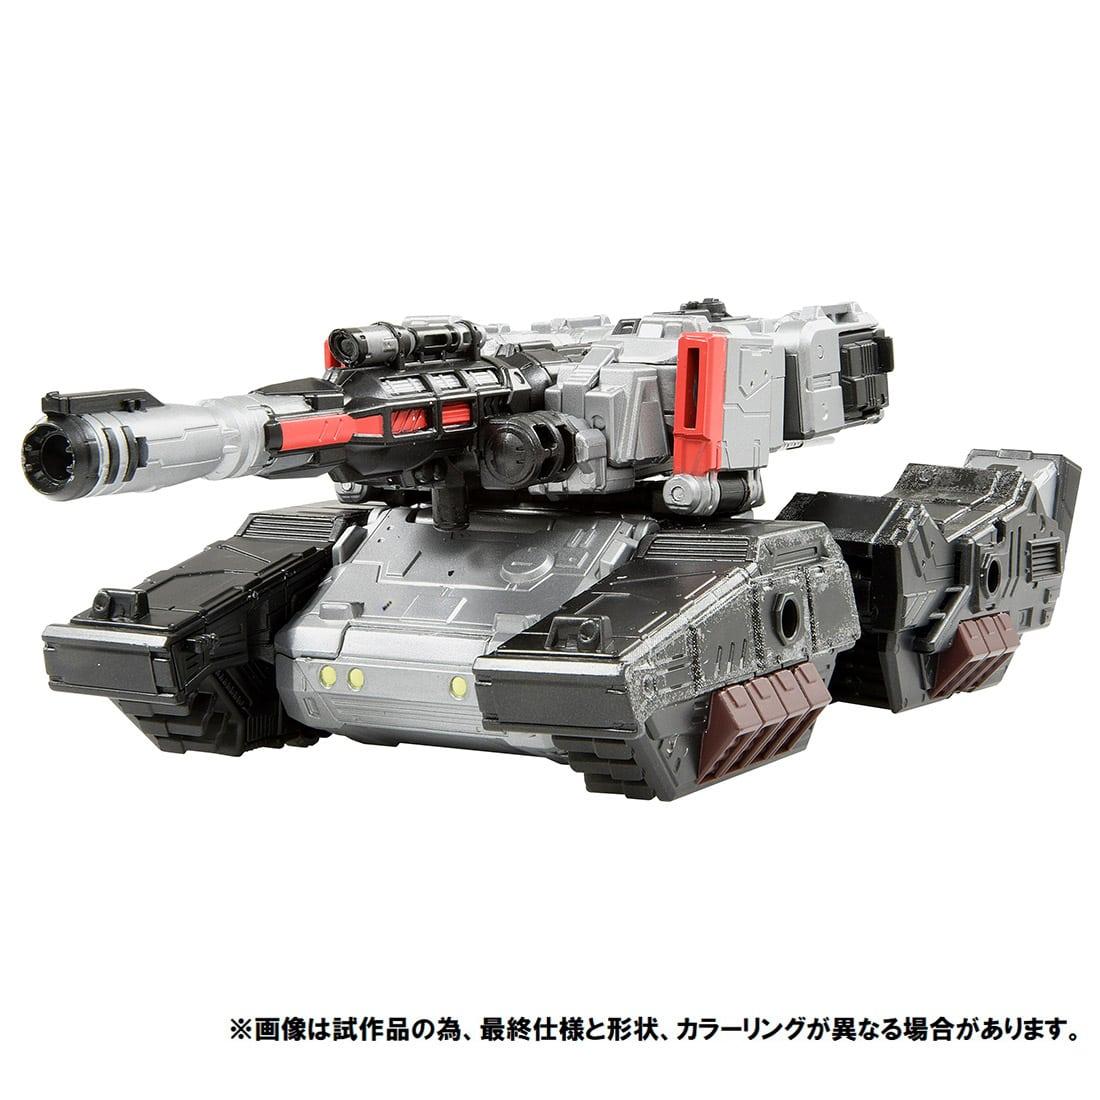 トランスフォーマー プレミアムフィニッシュ『PF WFC-02 メガトロン』可変可動フィギュア-006